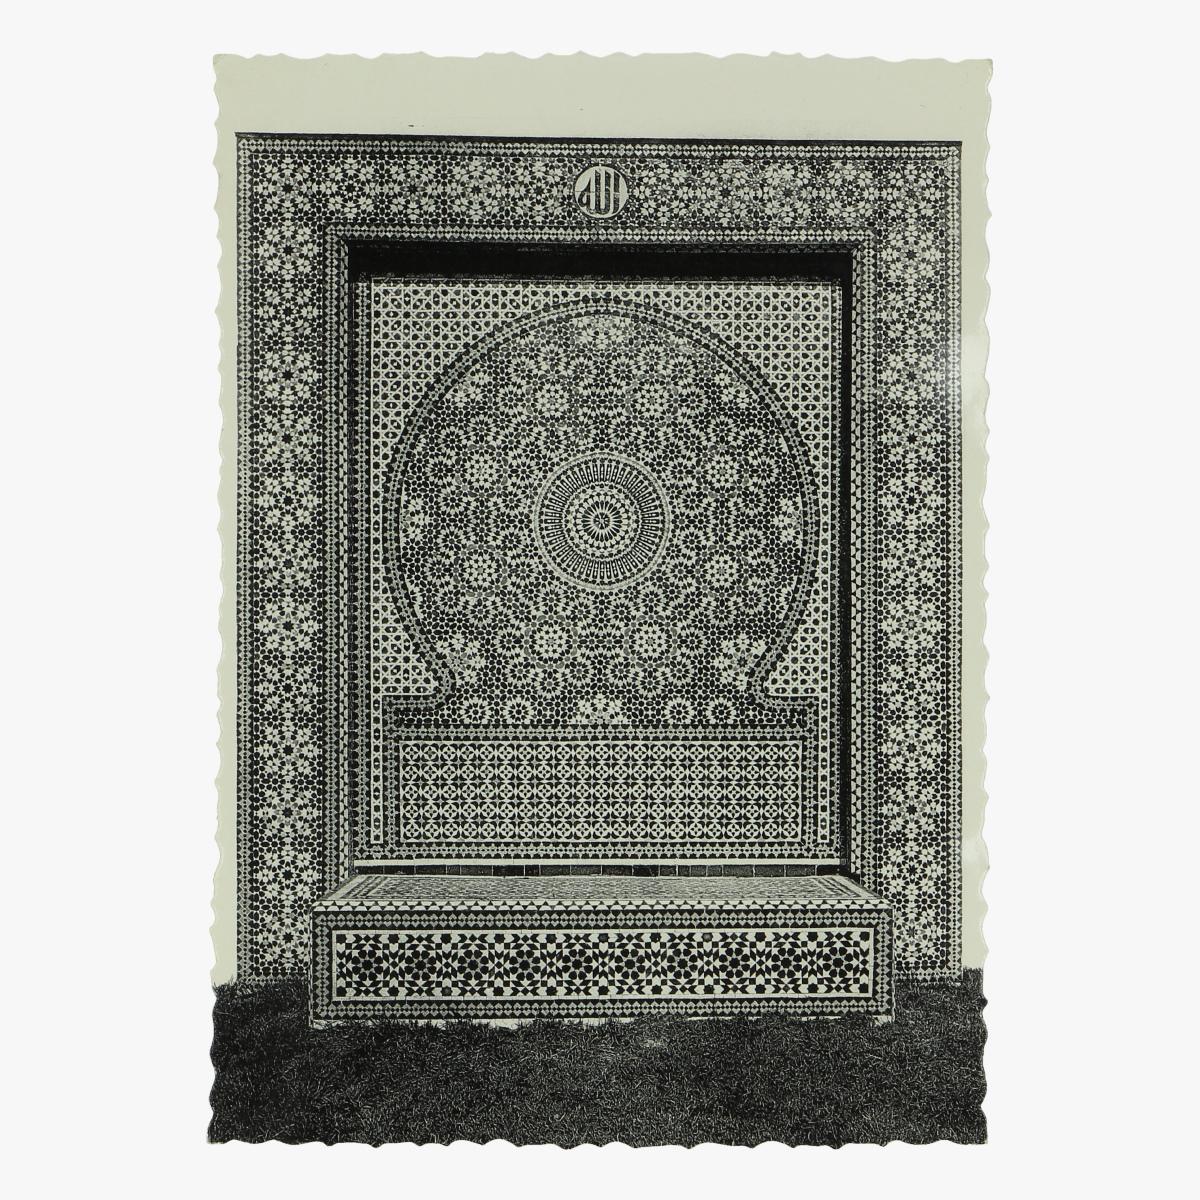 Afbeeldingen van expo 58 pavillon du maroc une fontaine